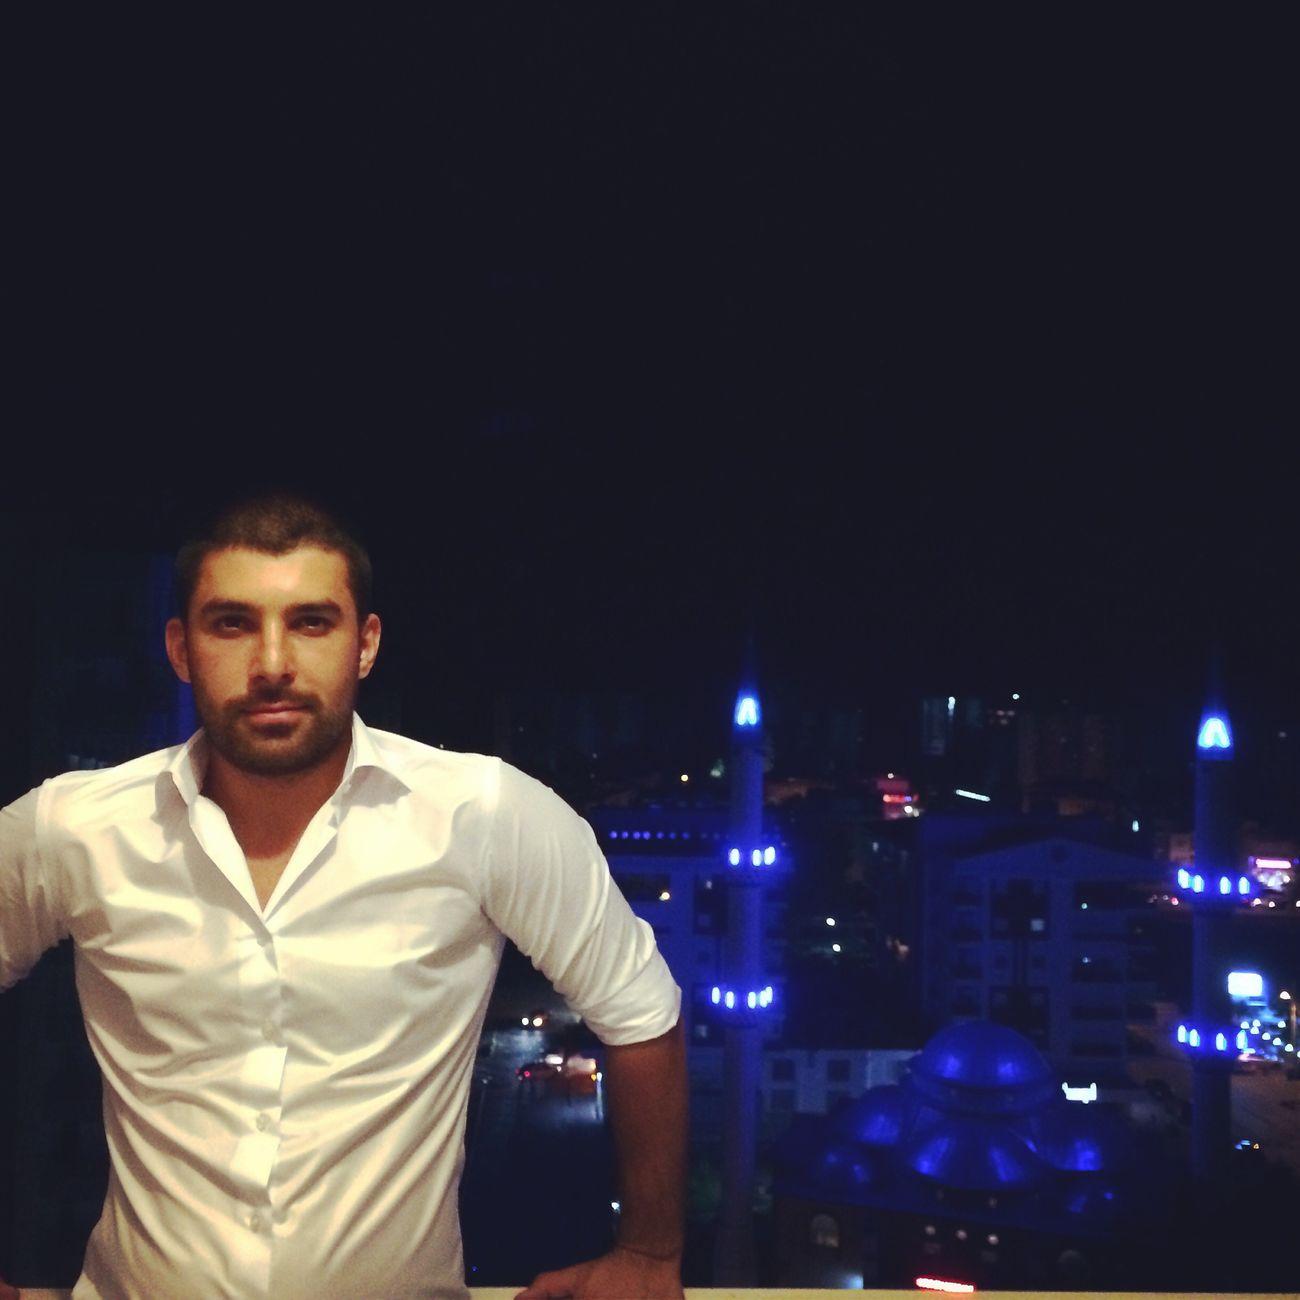 Antalya Düdenpark Konyaaltı Kaleiçi